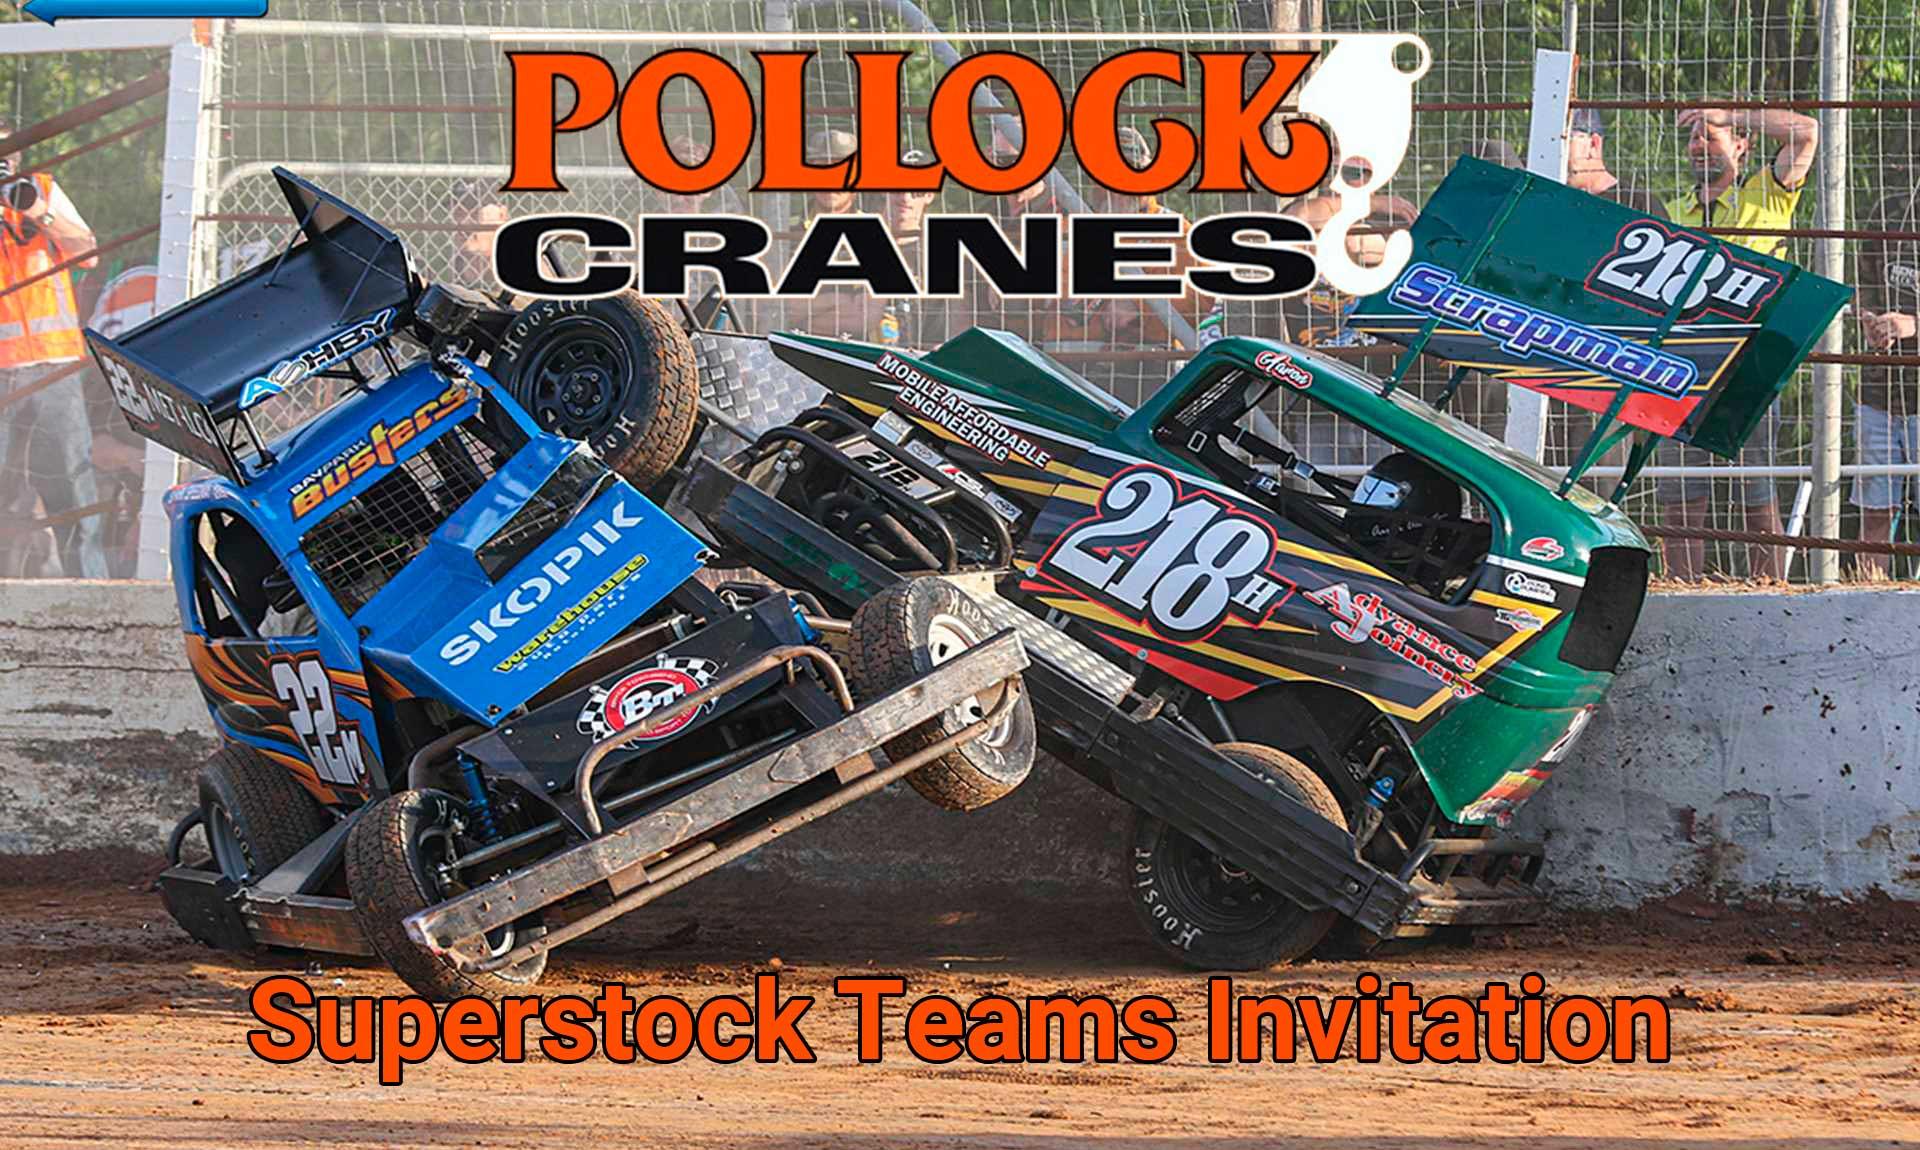 Pollock Cranes Superstock Teams Invitational